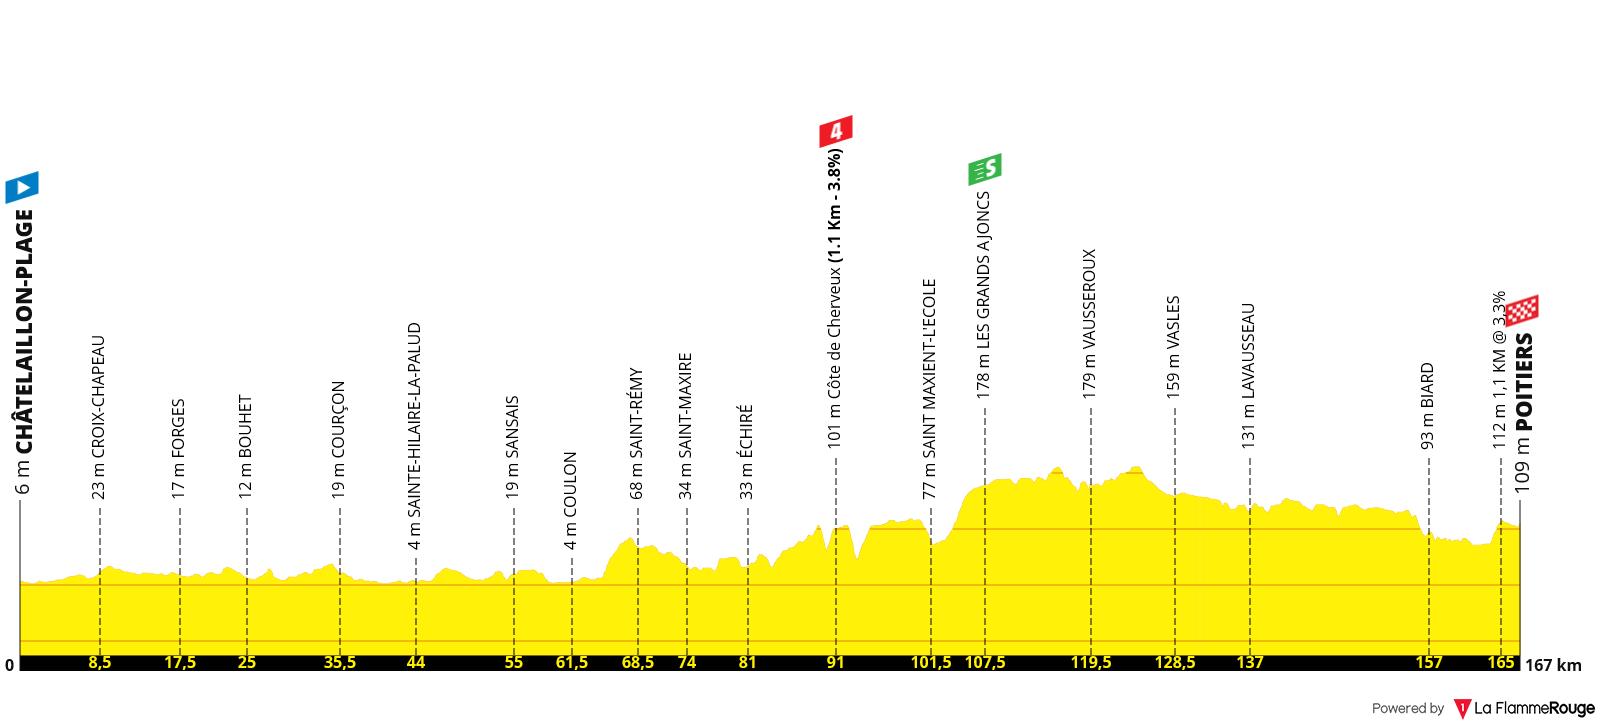 Perfil Etapa 11 - Tour de Francia 2020 - Châtelaillon-Plage Poitiers 167km